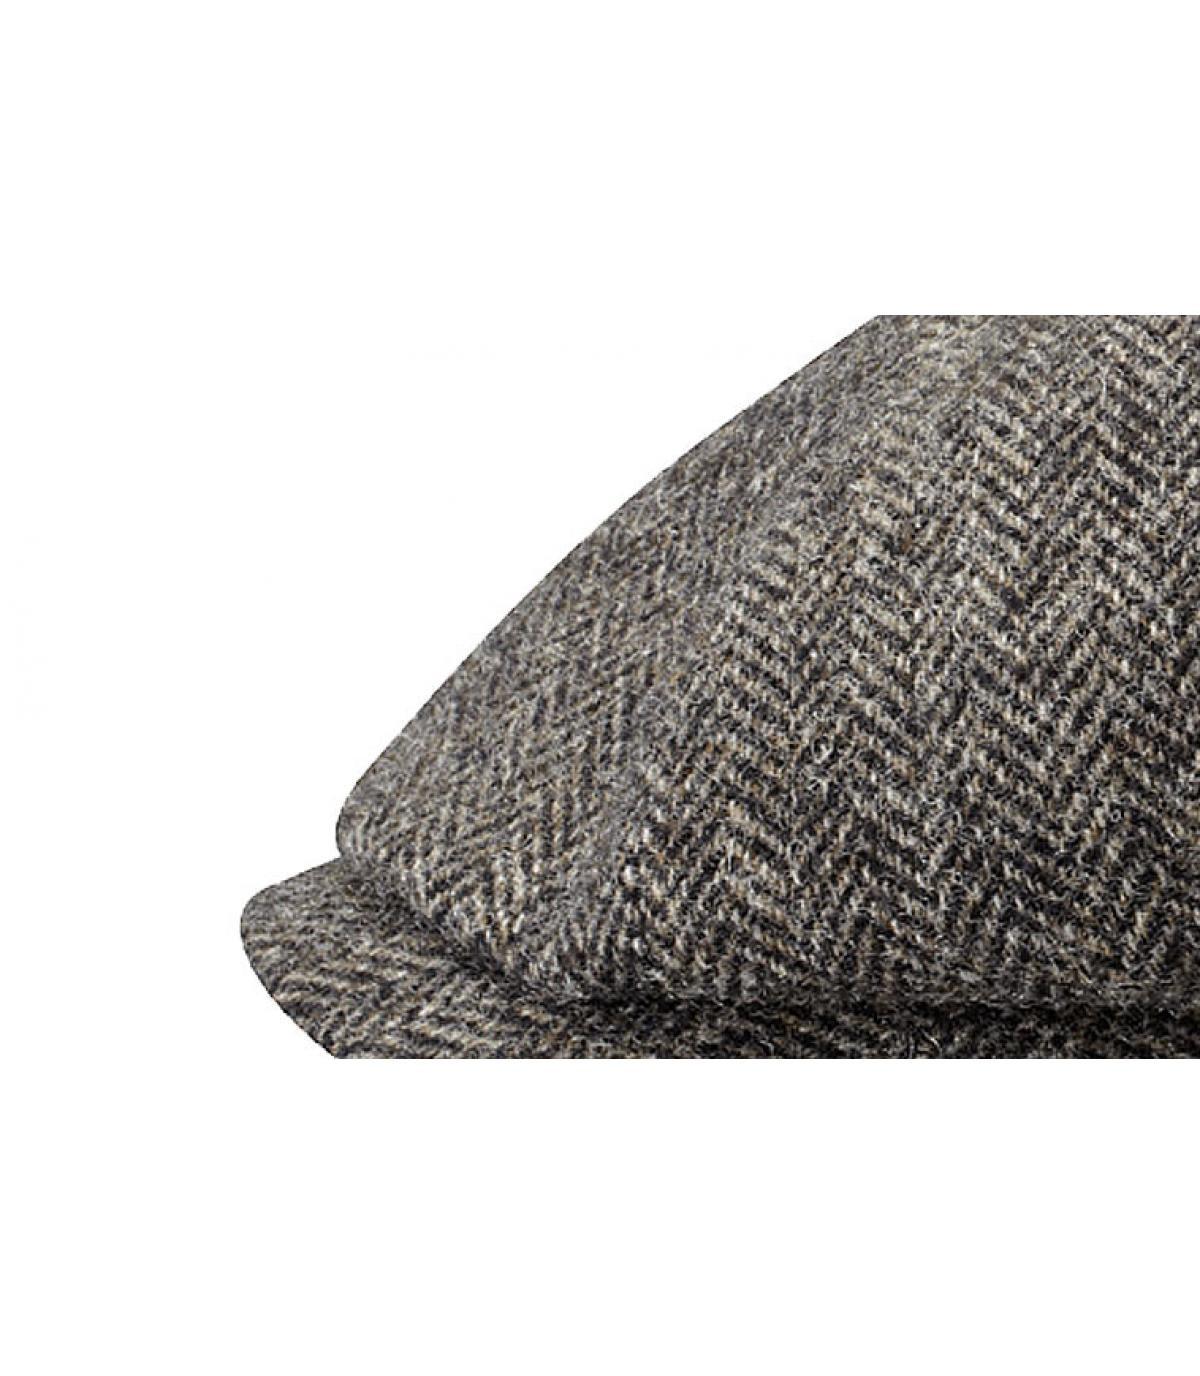 Détails Hatteras woolrich grise foncée - image 2